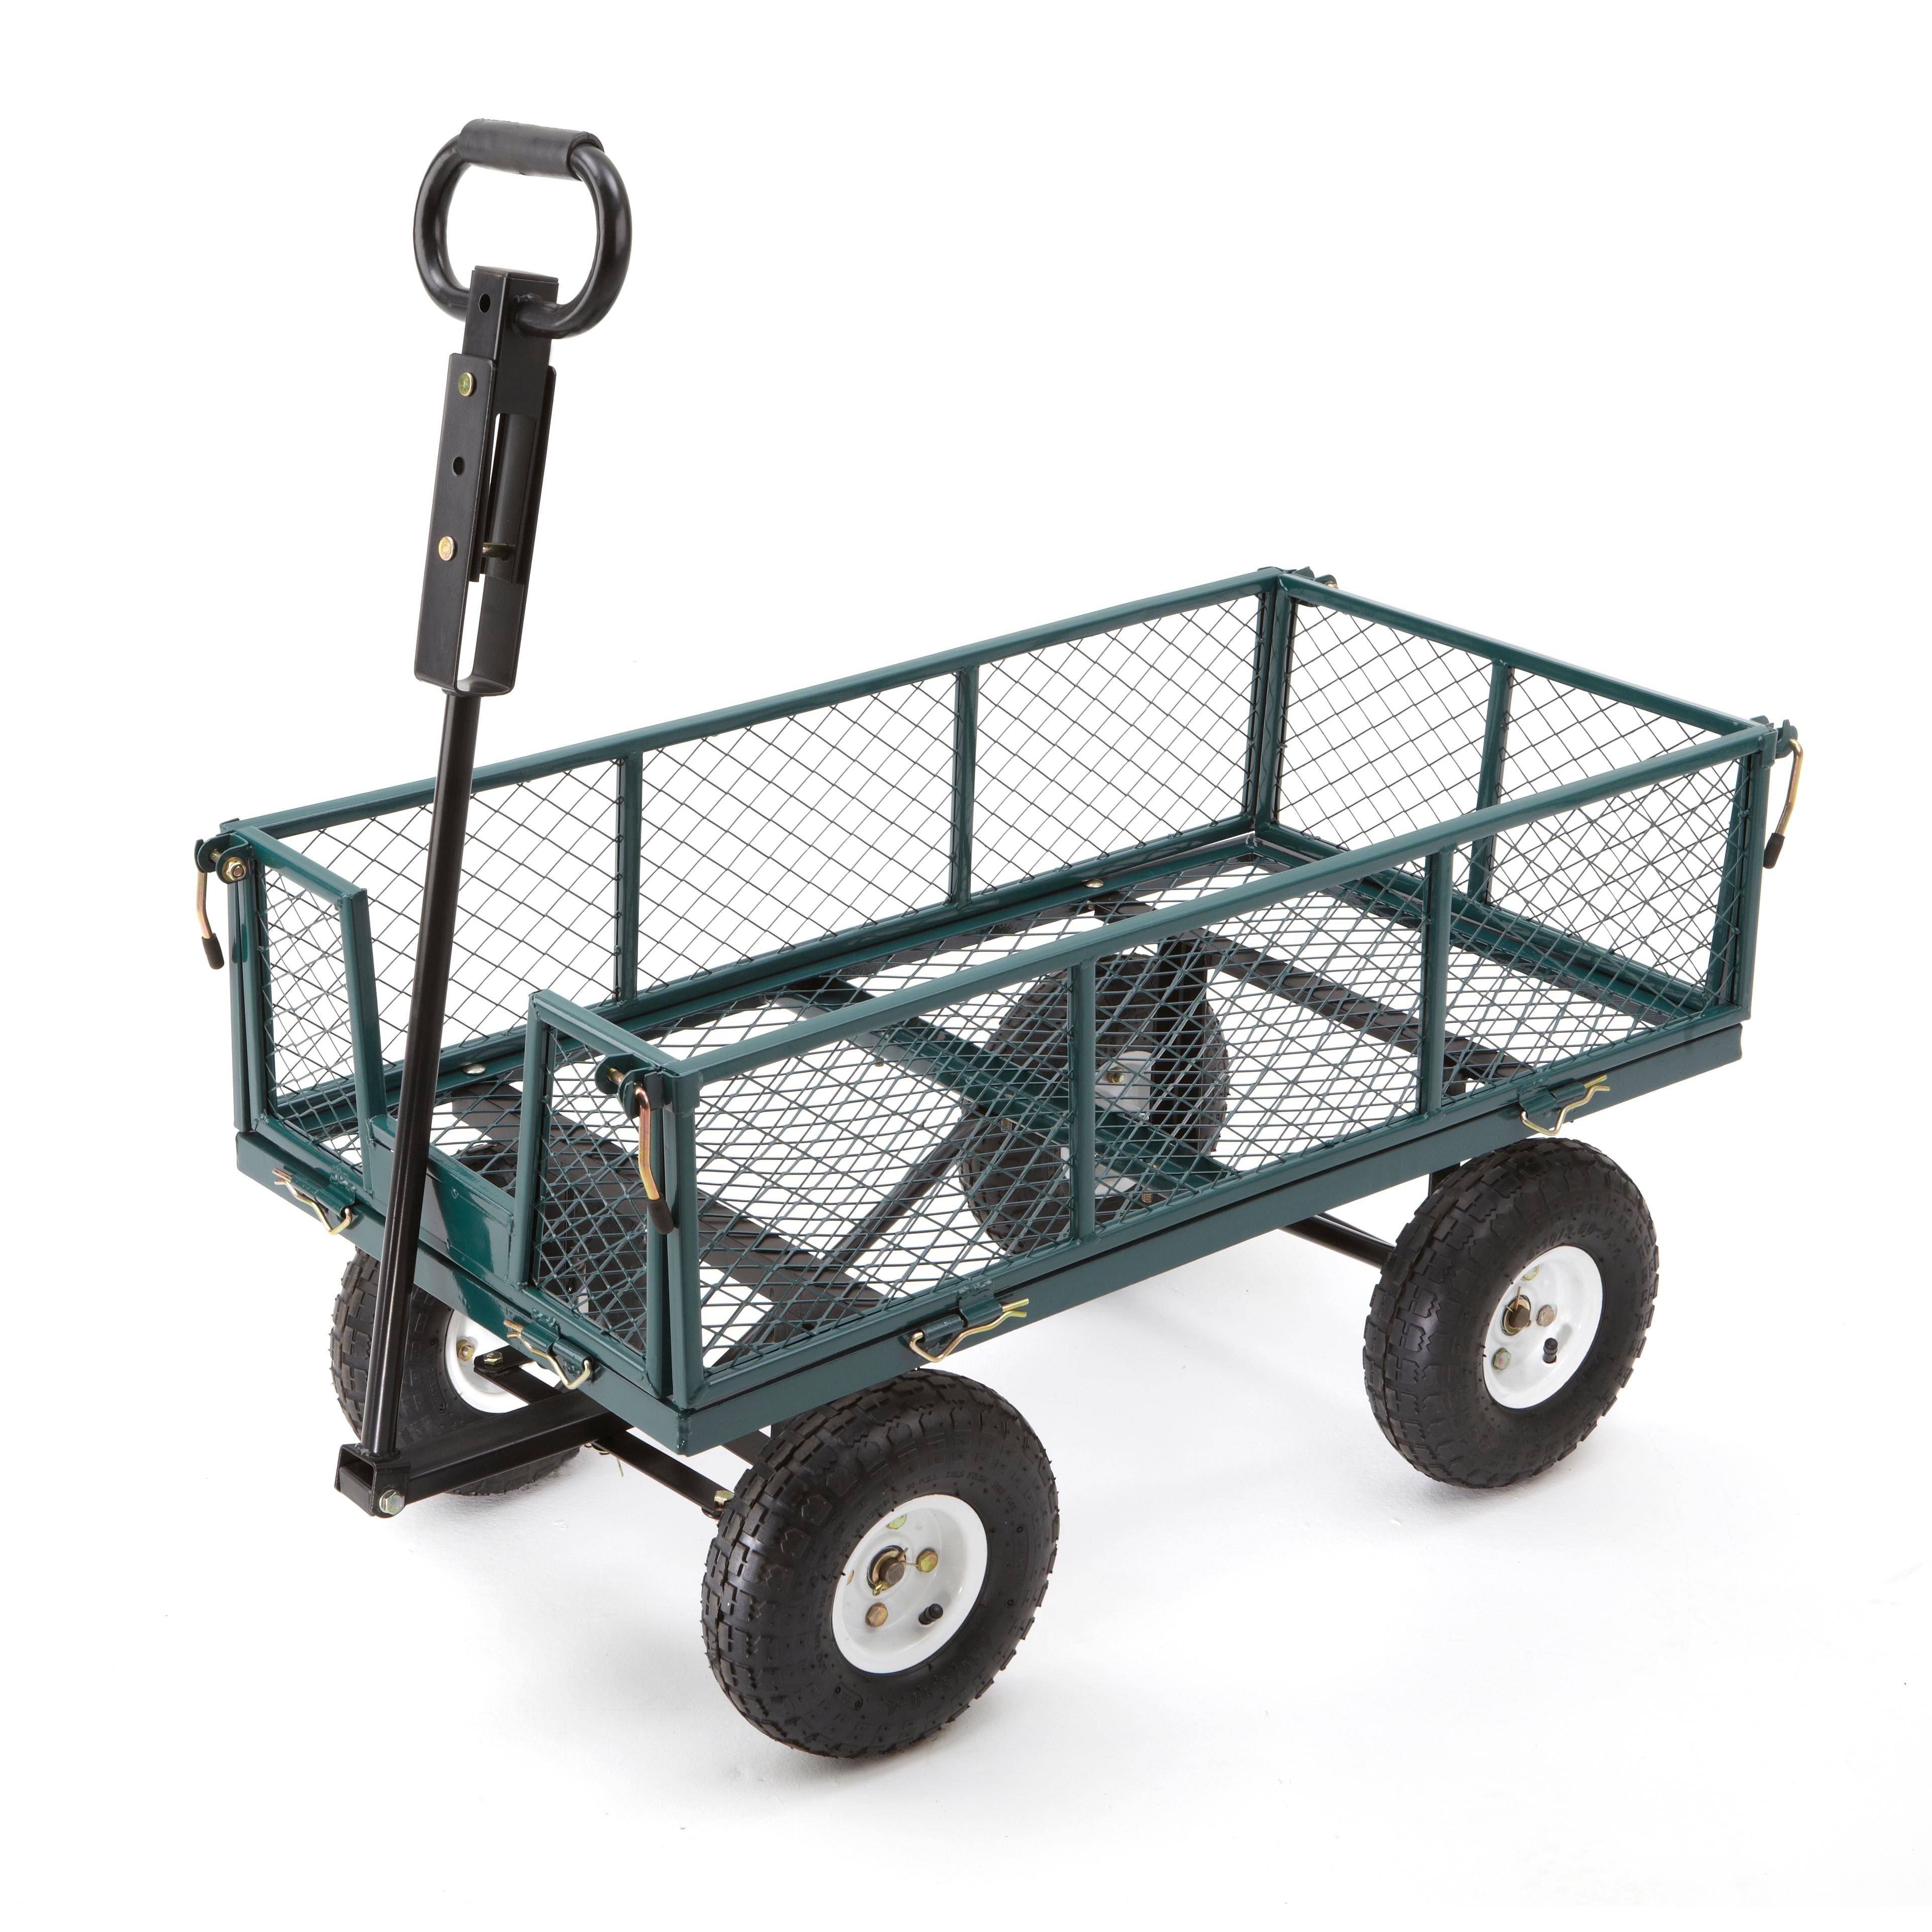 garden cart gorilla 2-in-1 utility cart HOSSIJD